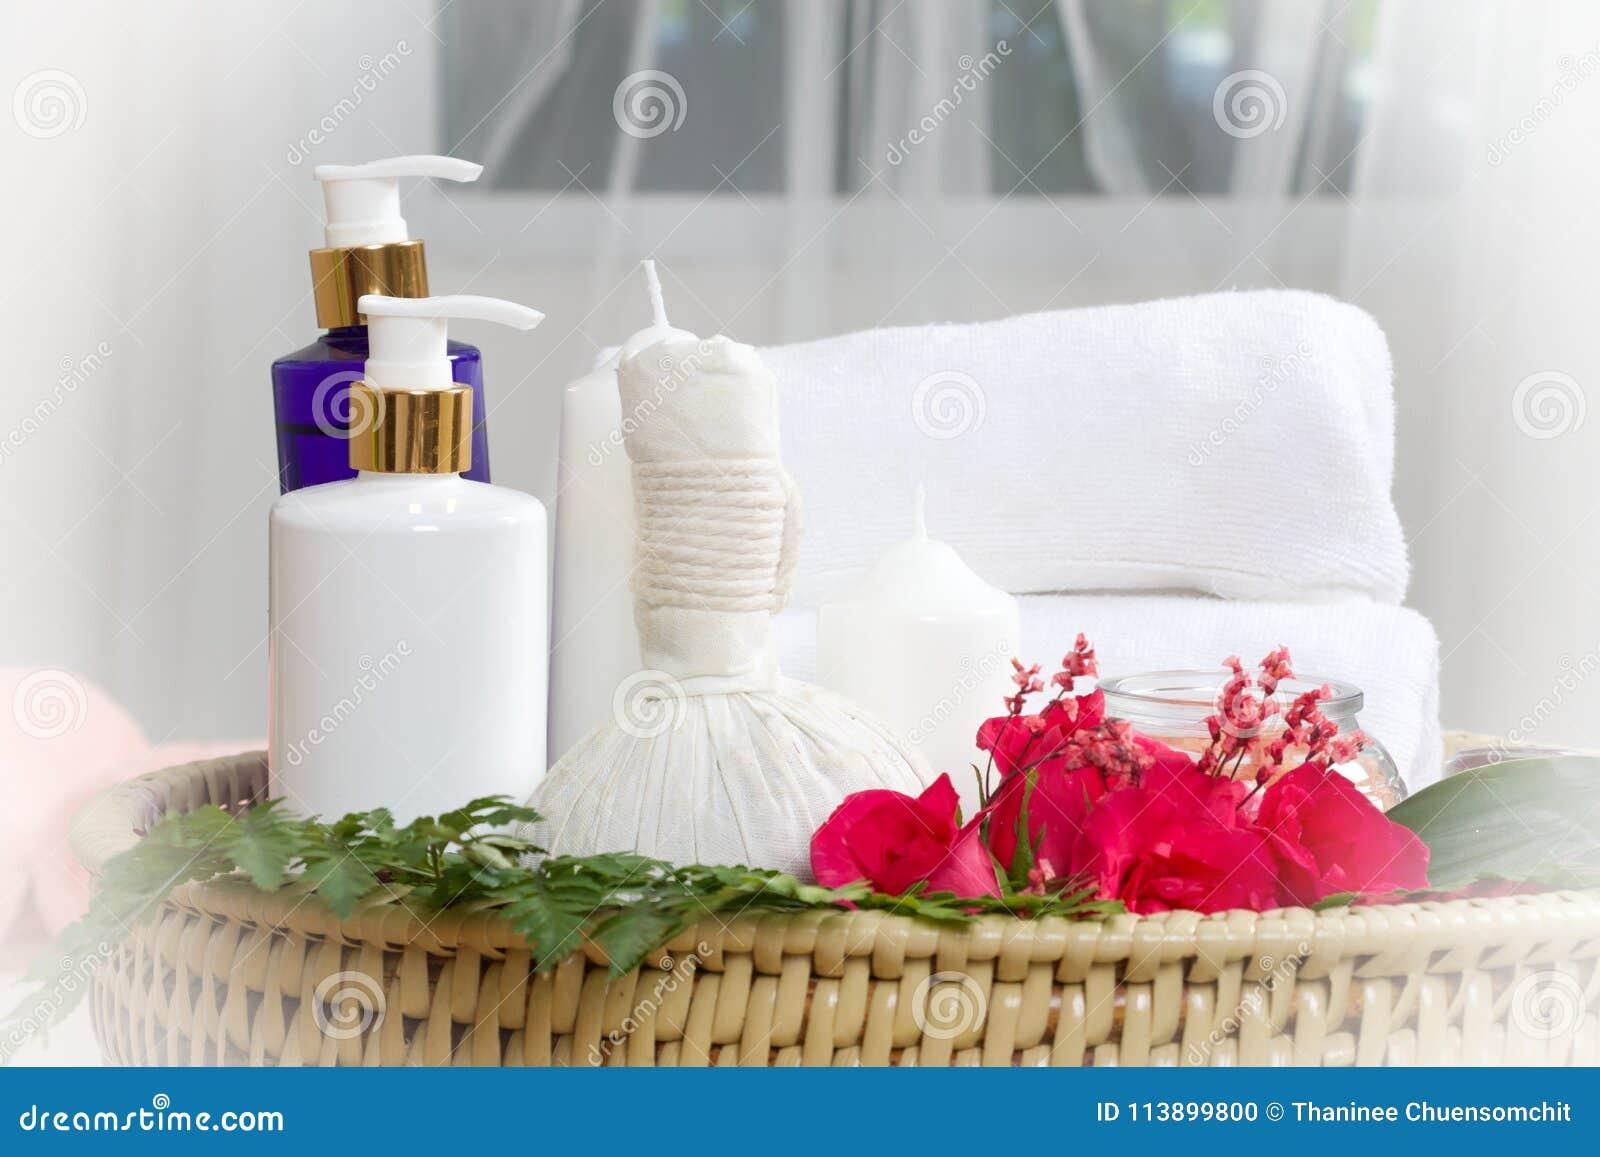 Thai massage wedding